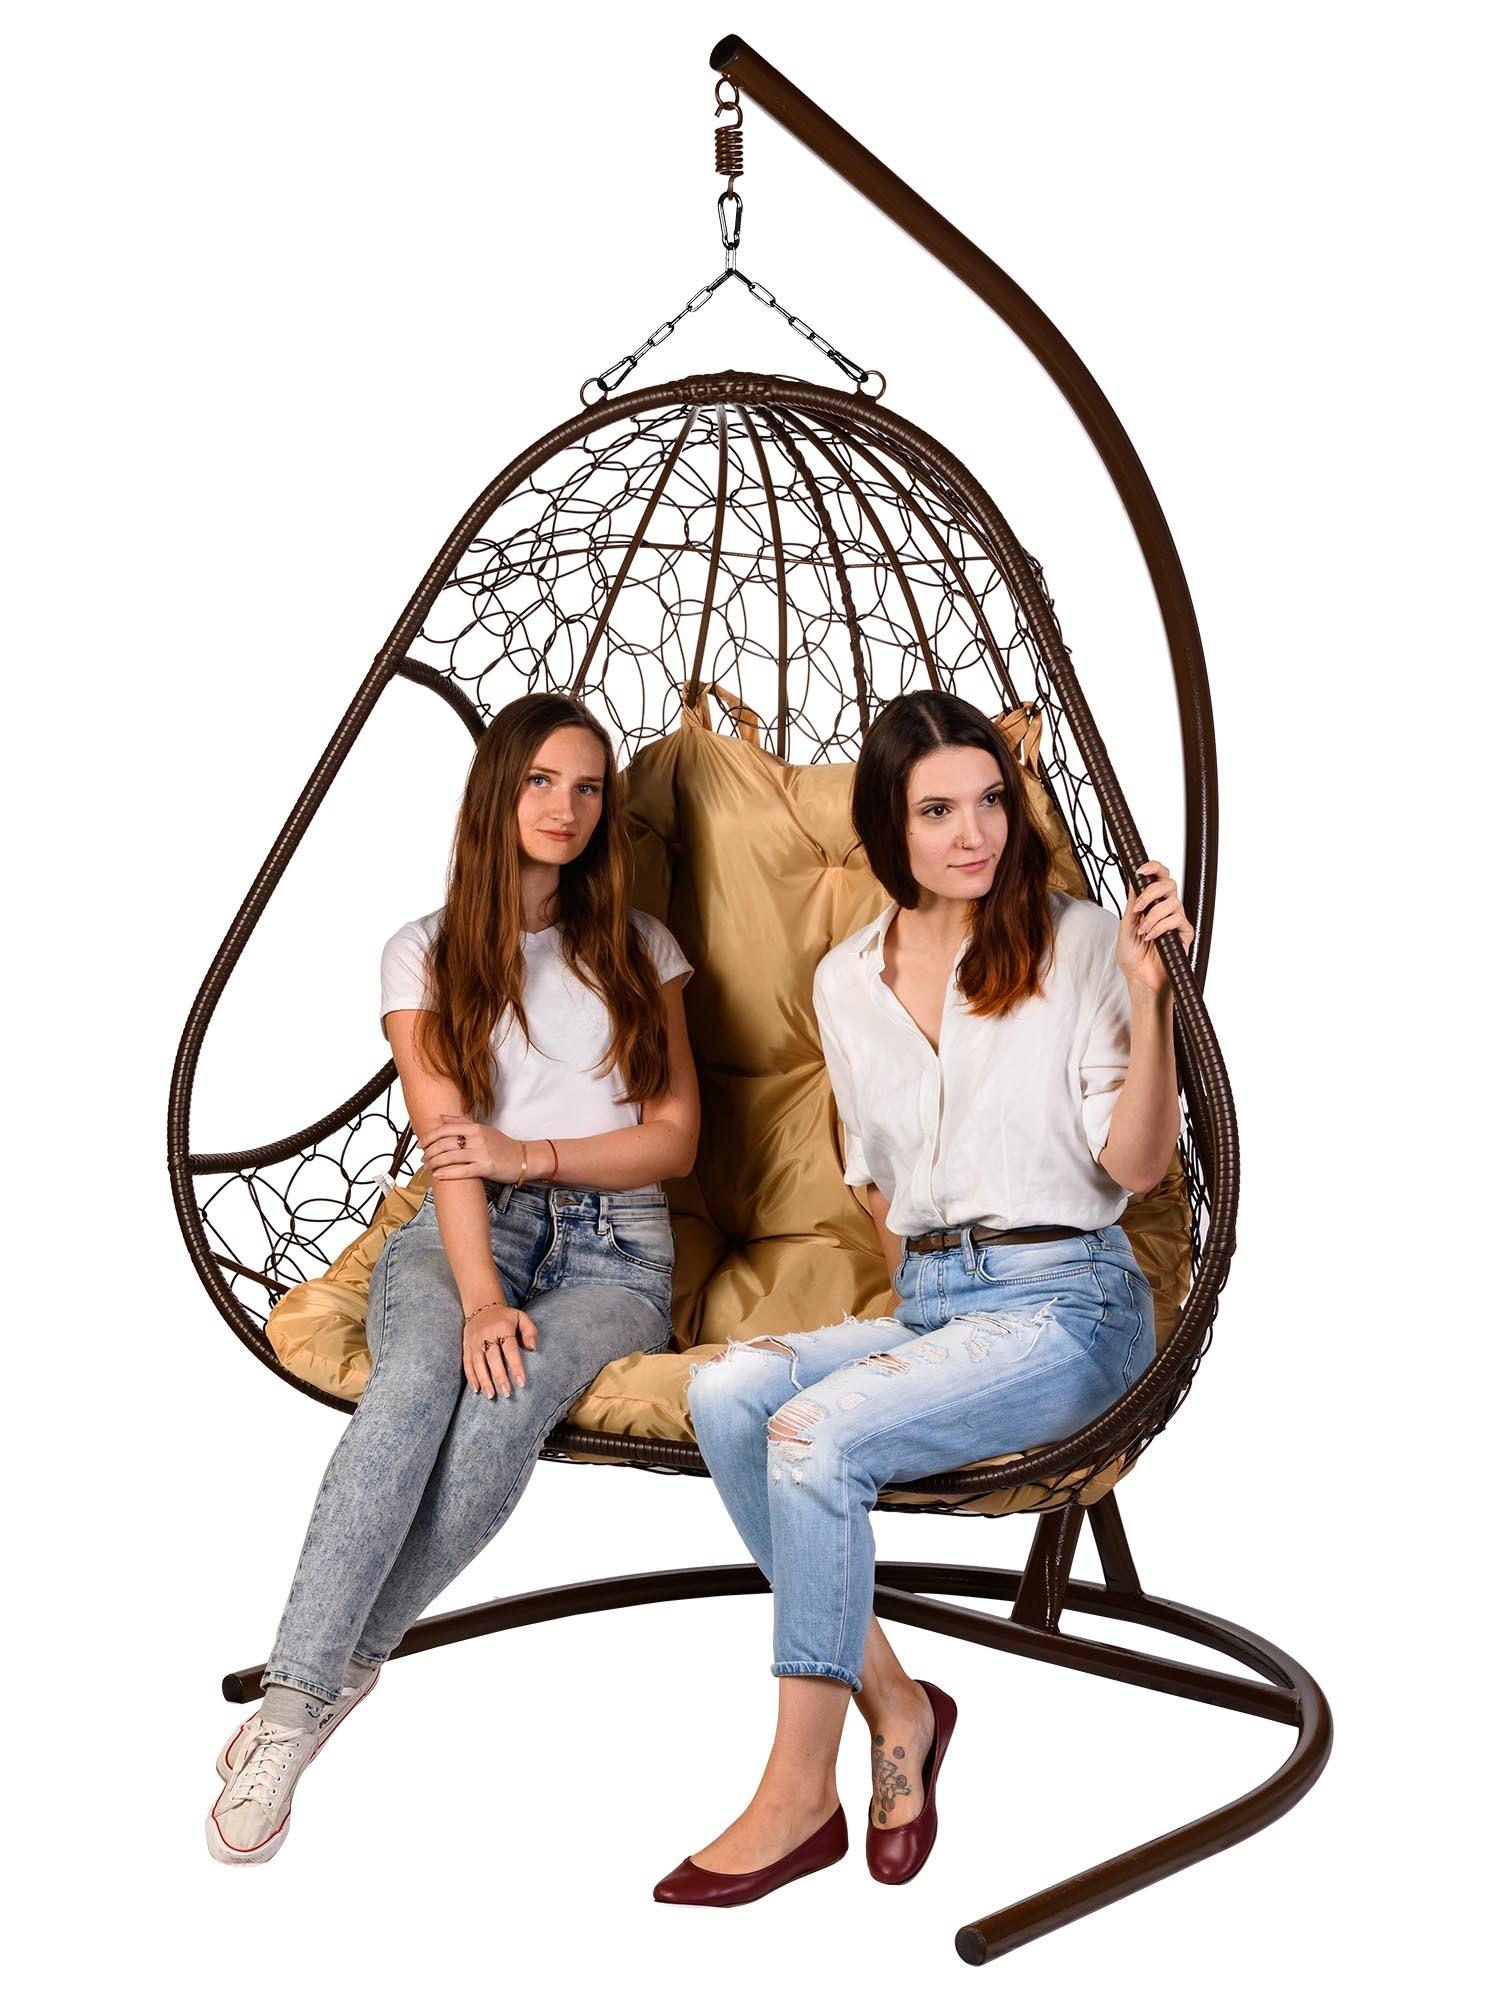 Подвесные кресла Двухместное подвесное кресло PRIMAVERA BROWN Primavera_Brown__1_.jpg